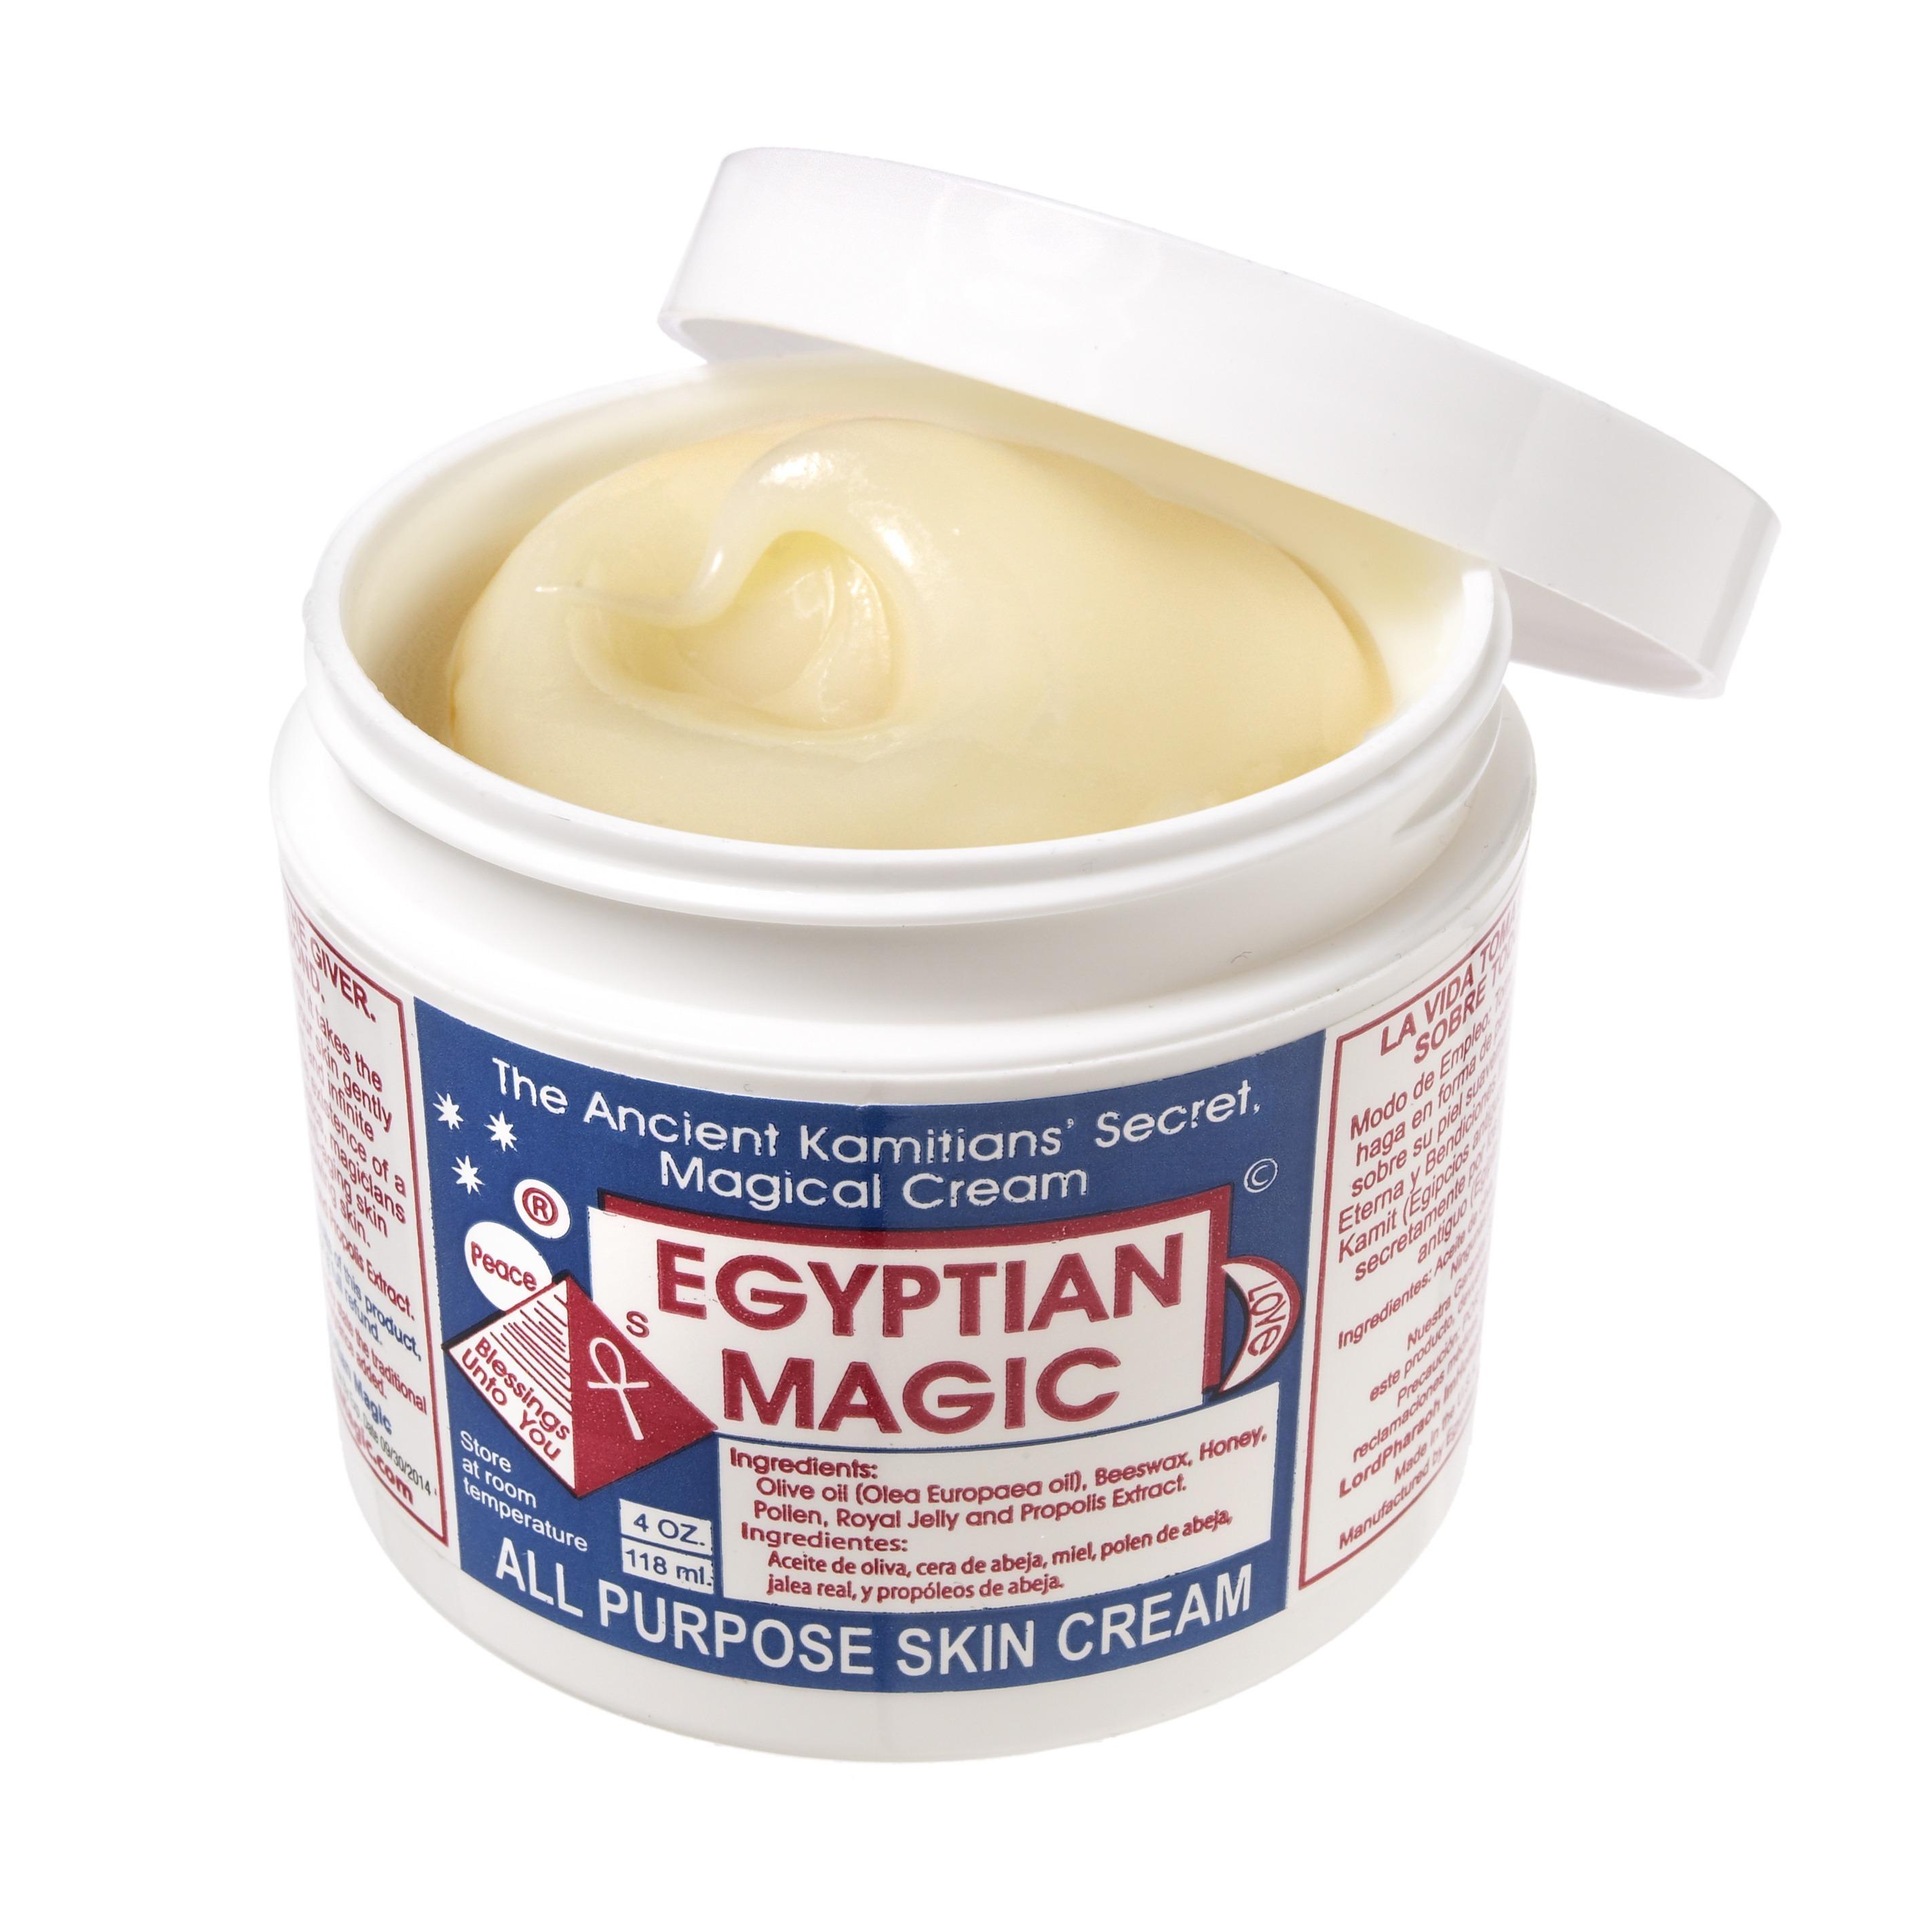 Eva Mendes - Egyptian Magic - Mis Secretos - June 2015